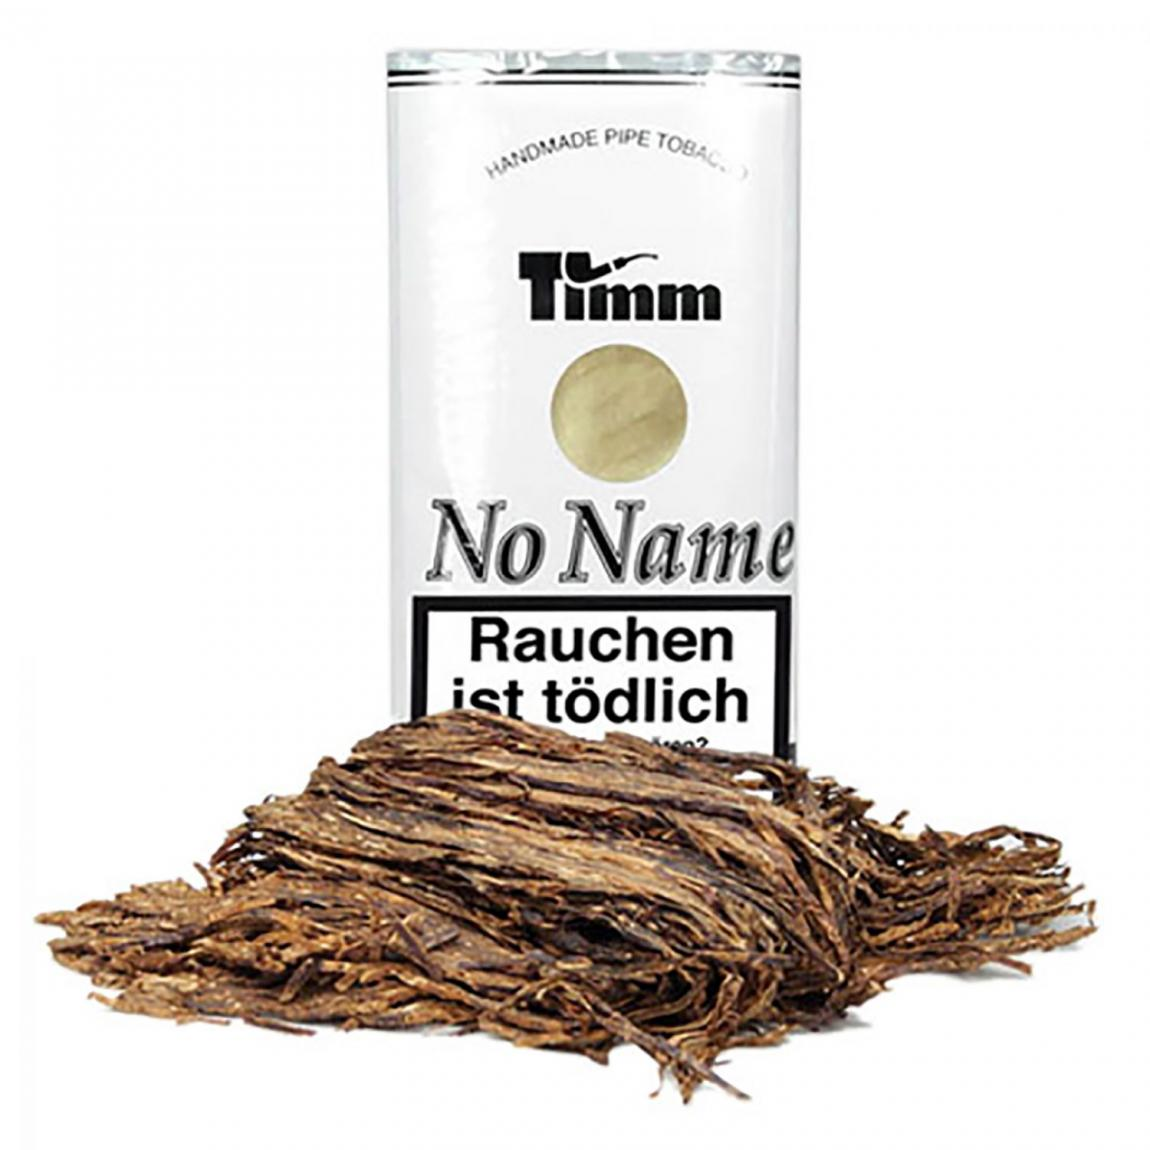 Timm's No Name gold - klassischer süßer Flake, kühl & sanft